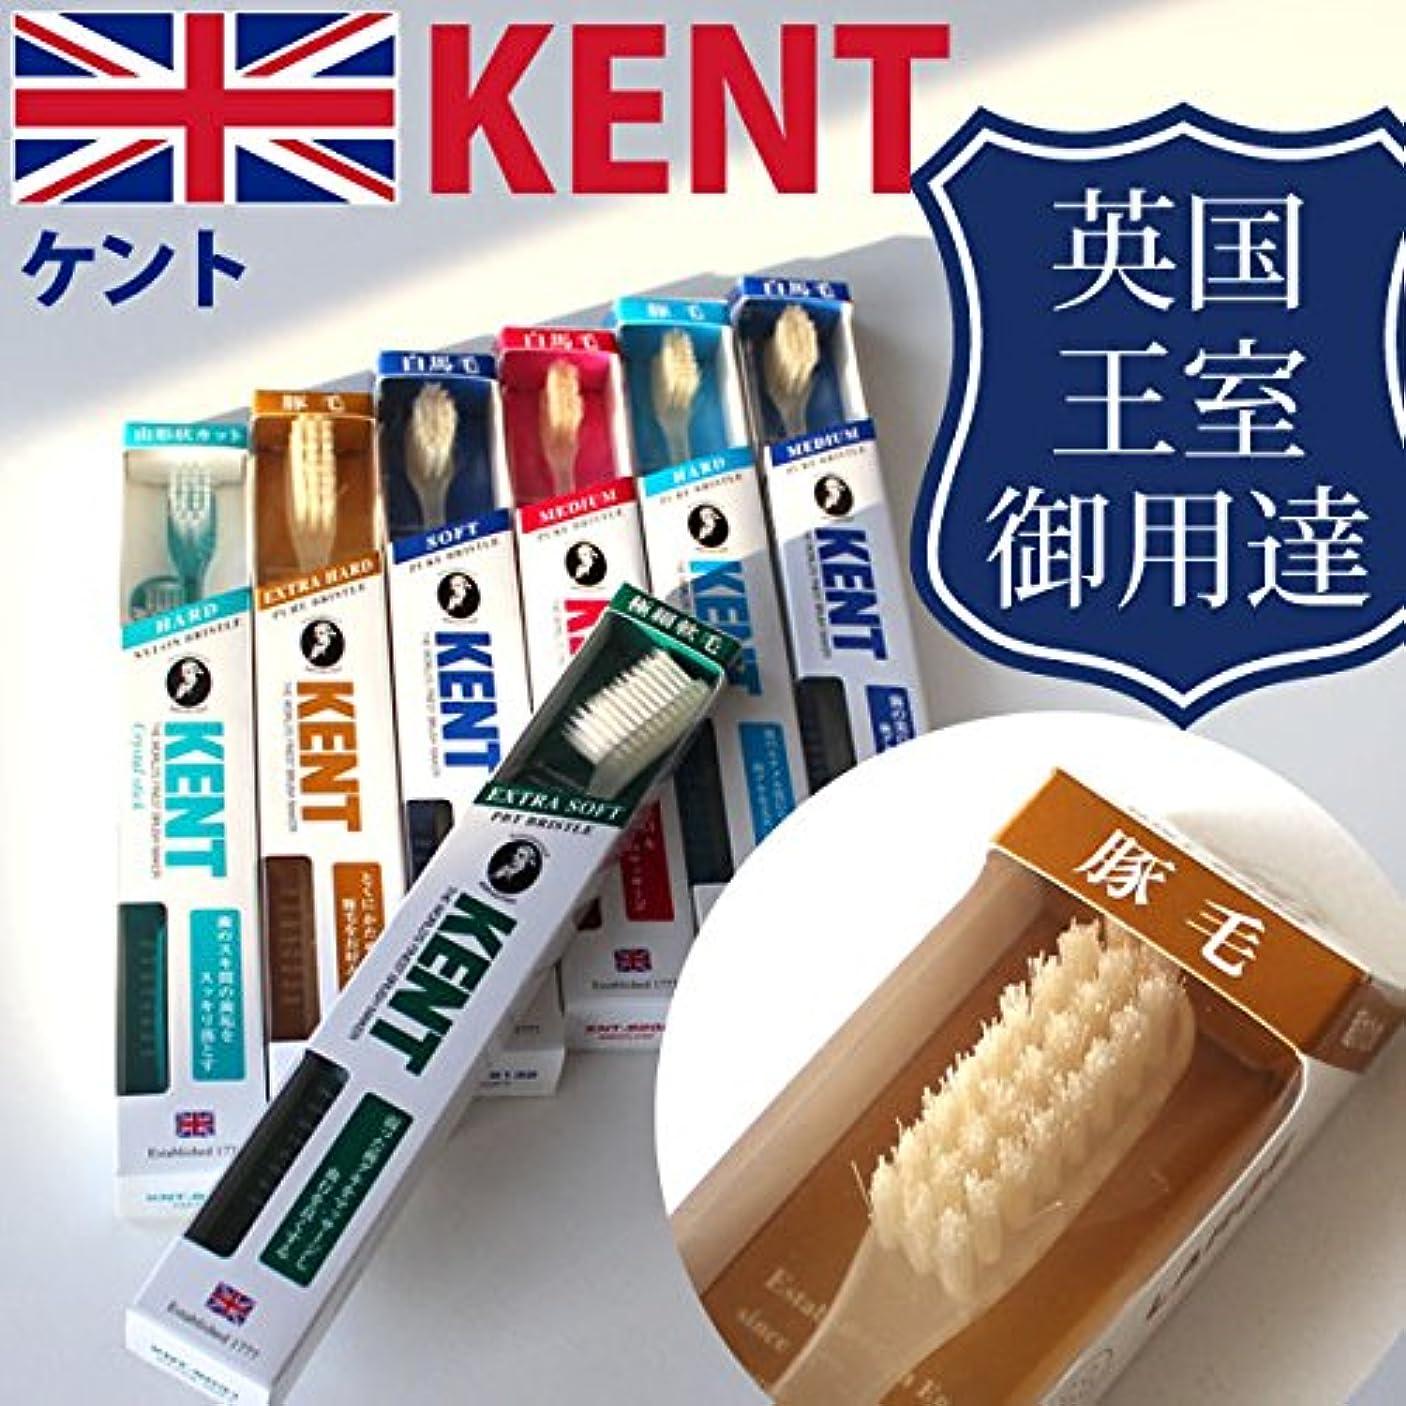 抽選おもしろい期待するケント KENT 豚毛 コンパクト 歯ブラシKNT-9233/9833単品108 ふつう